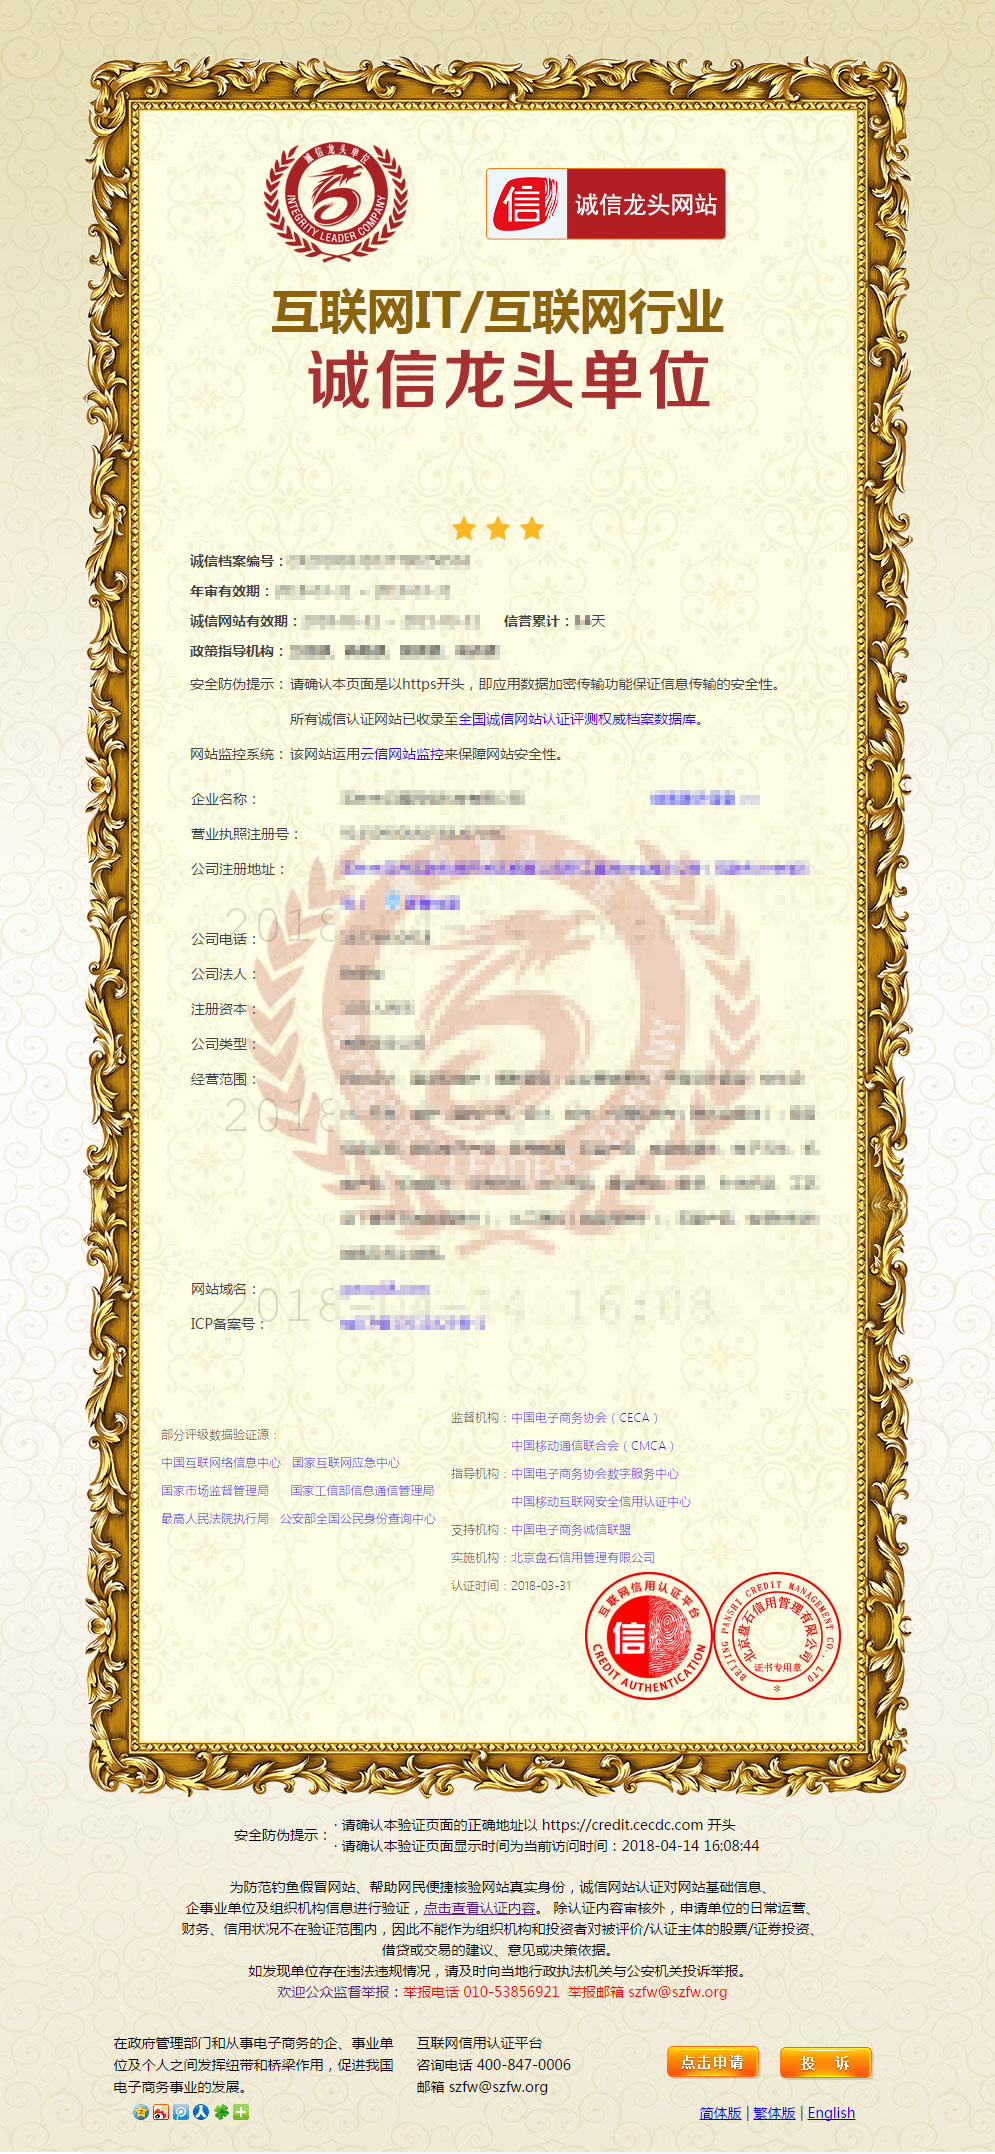 诚信网站,诚信认证,诚信网站认证,诚信网站验证,中国电子商务协会